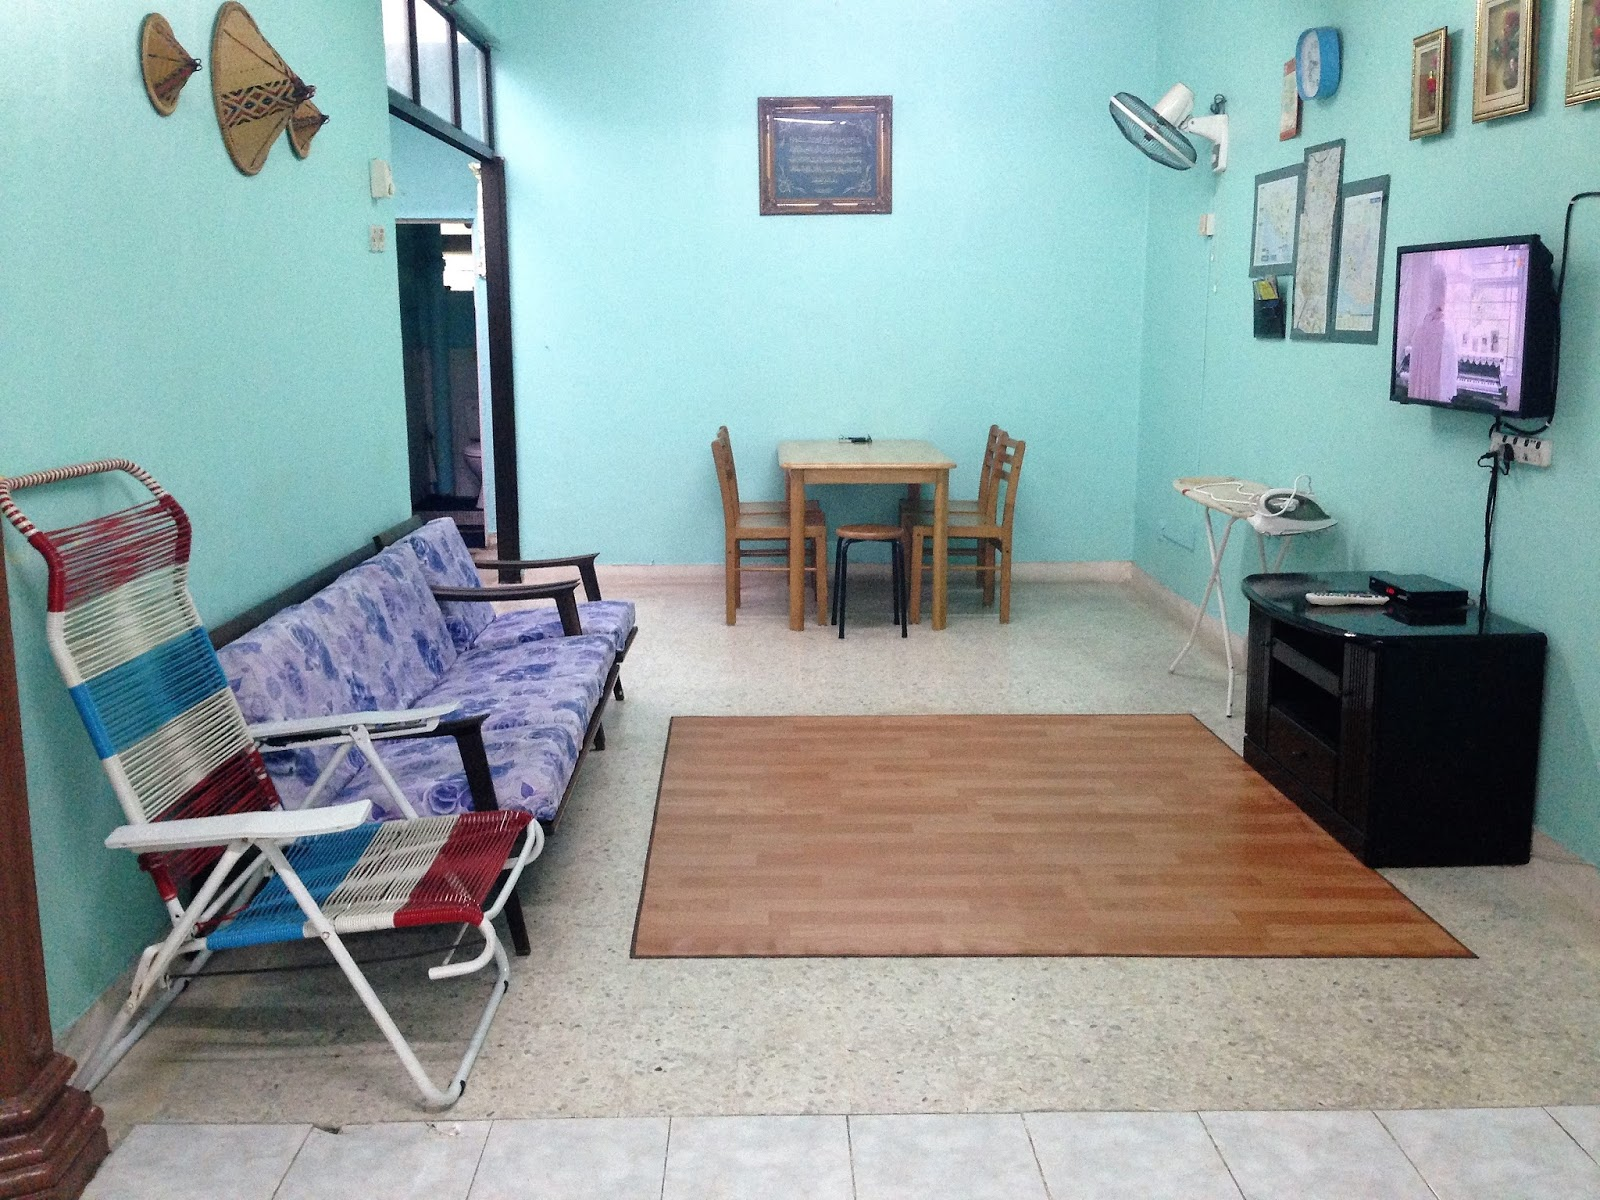 D Suria Homestay Di Tengah Bandar Melaka